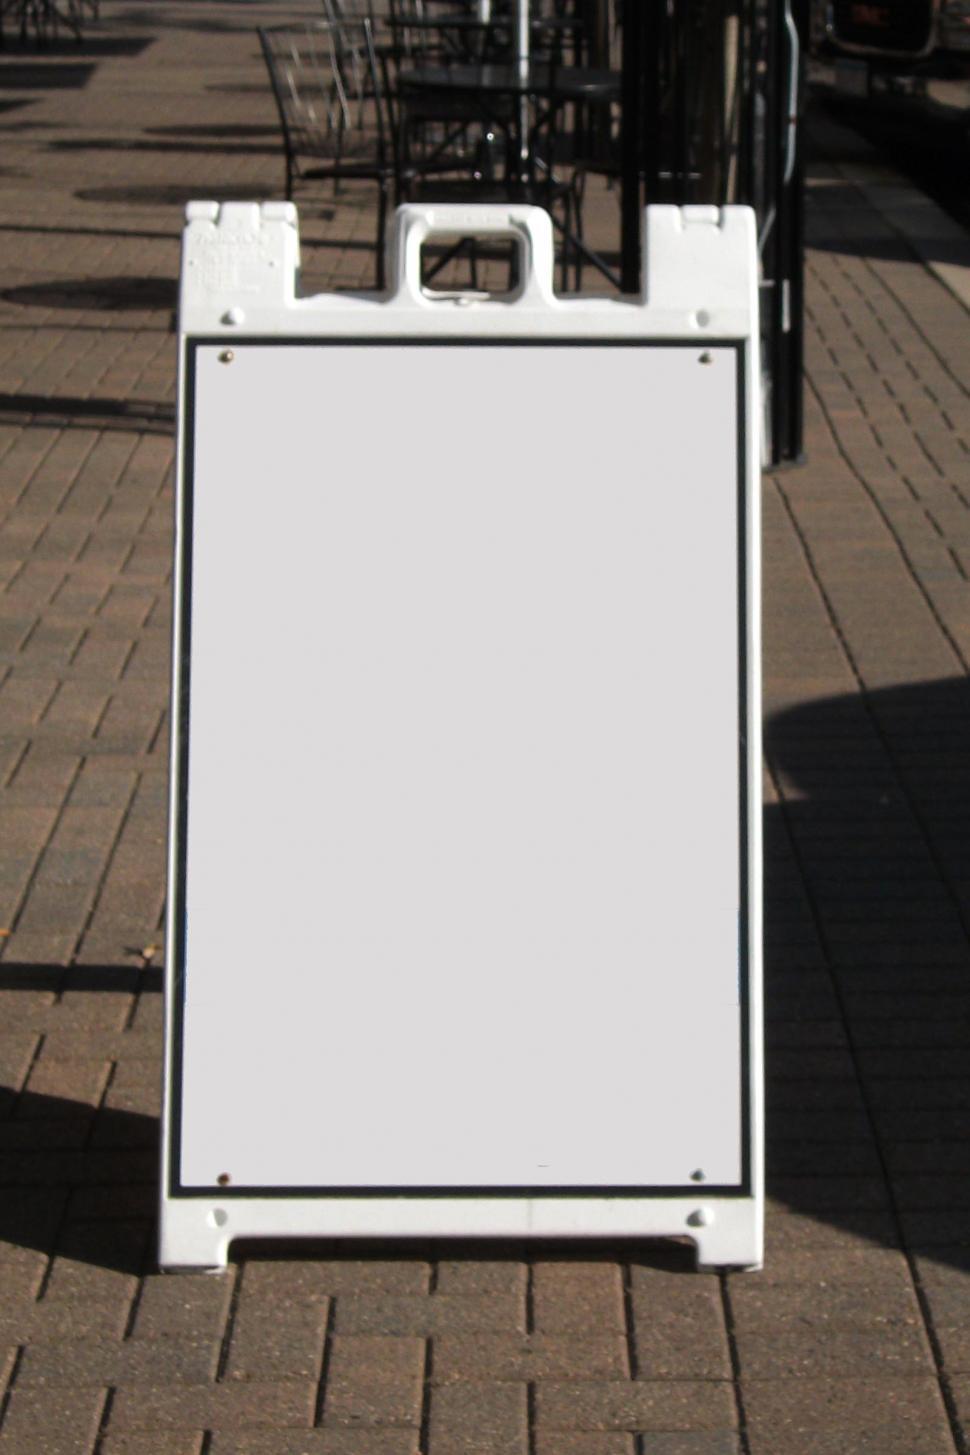 Download Free Stock HD Photo of Blank sandwich board Online